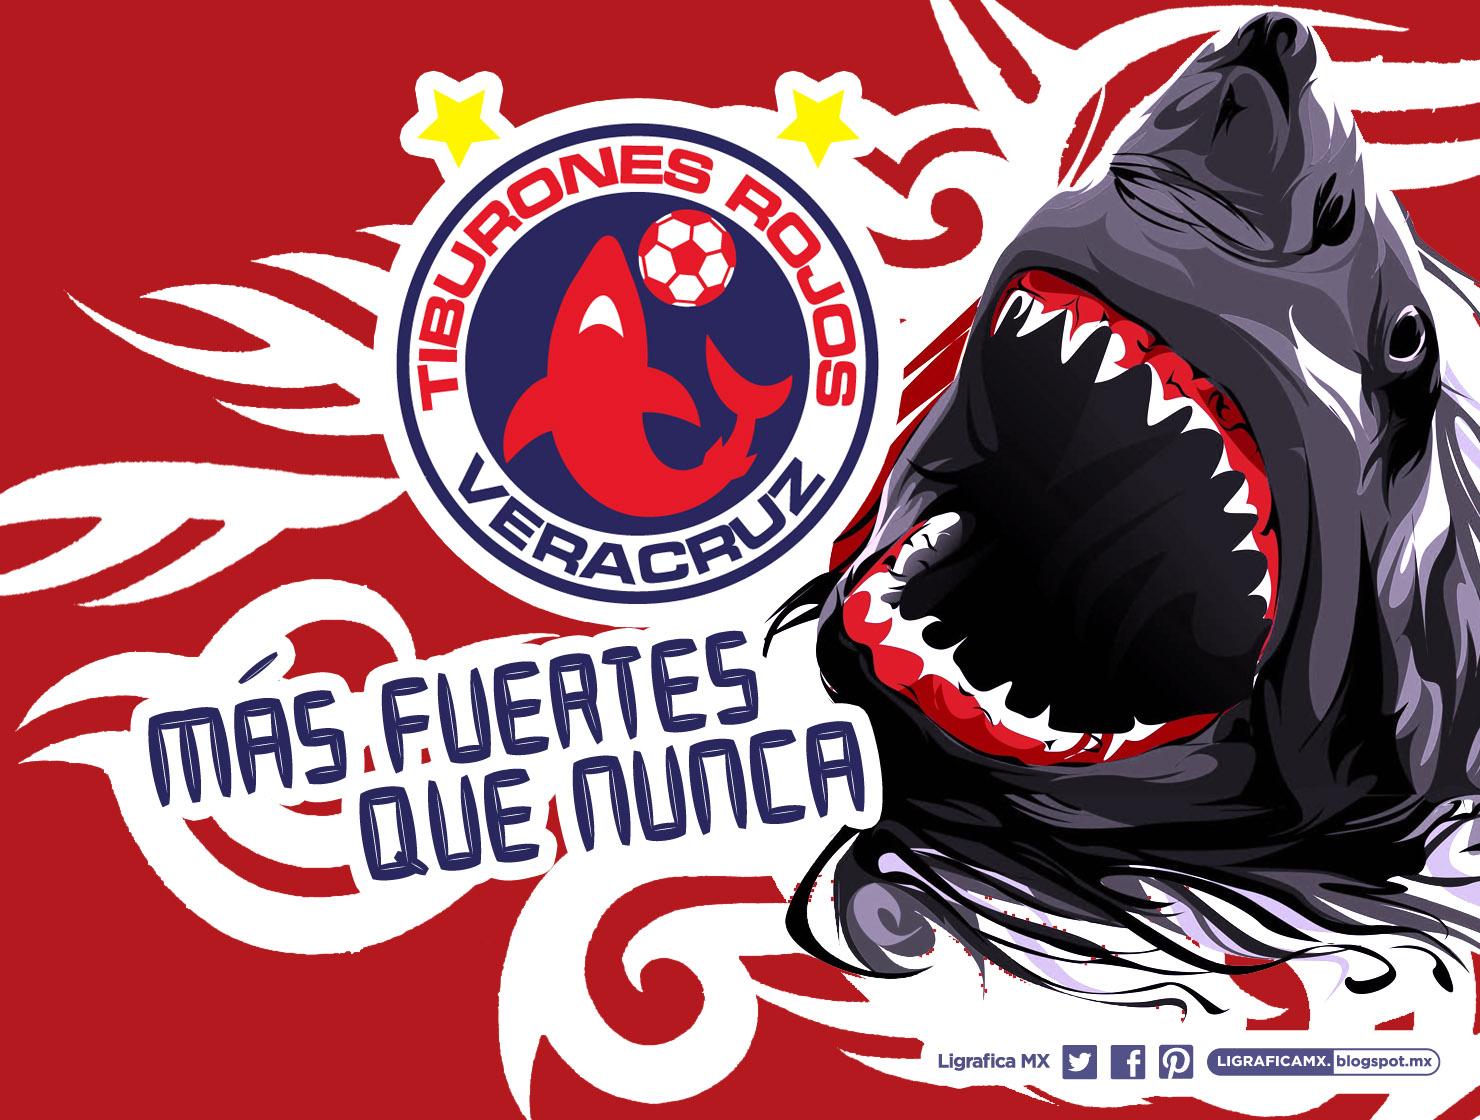 56dfd67f2fc4c Fotos de las porristas de los tiburones rojos